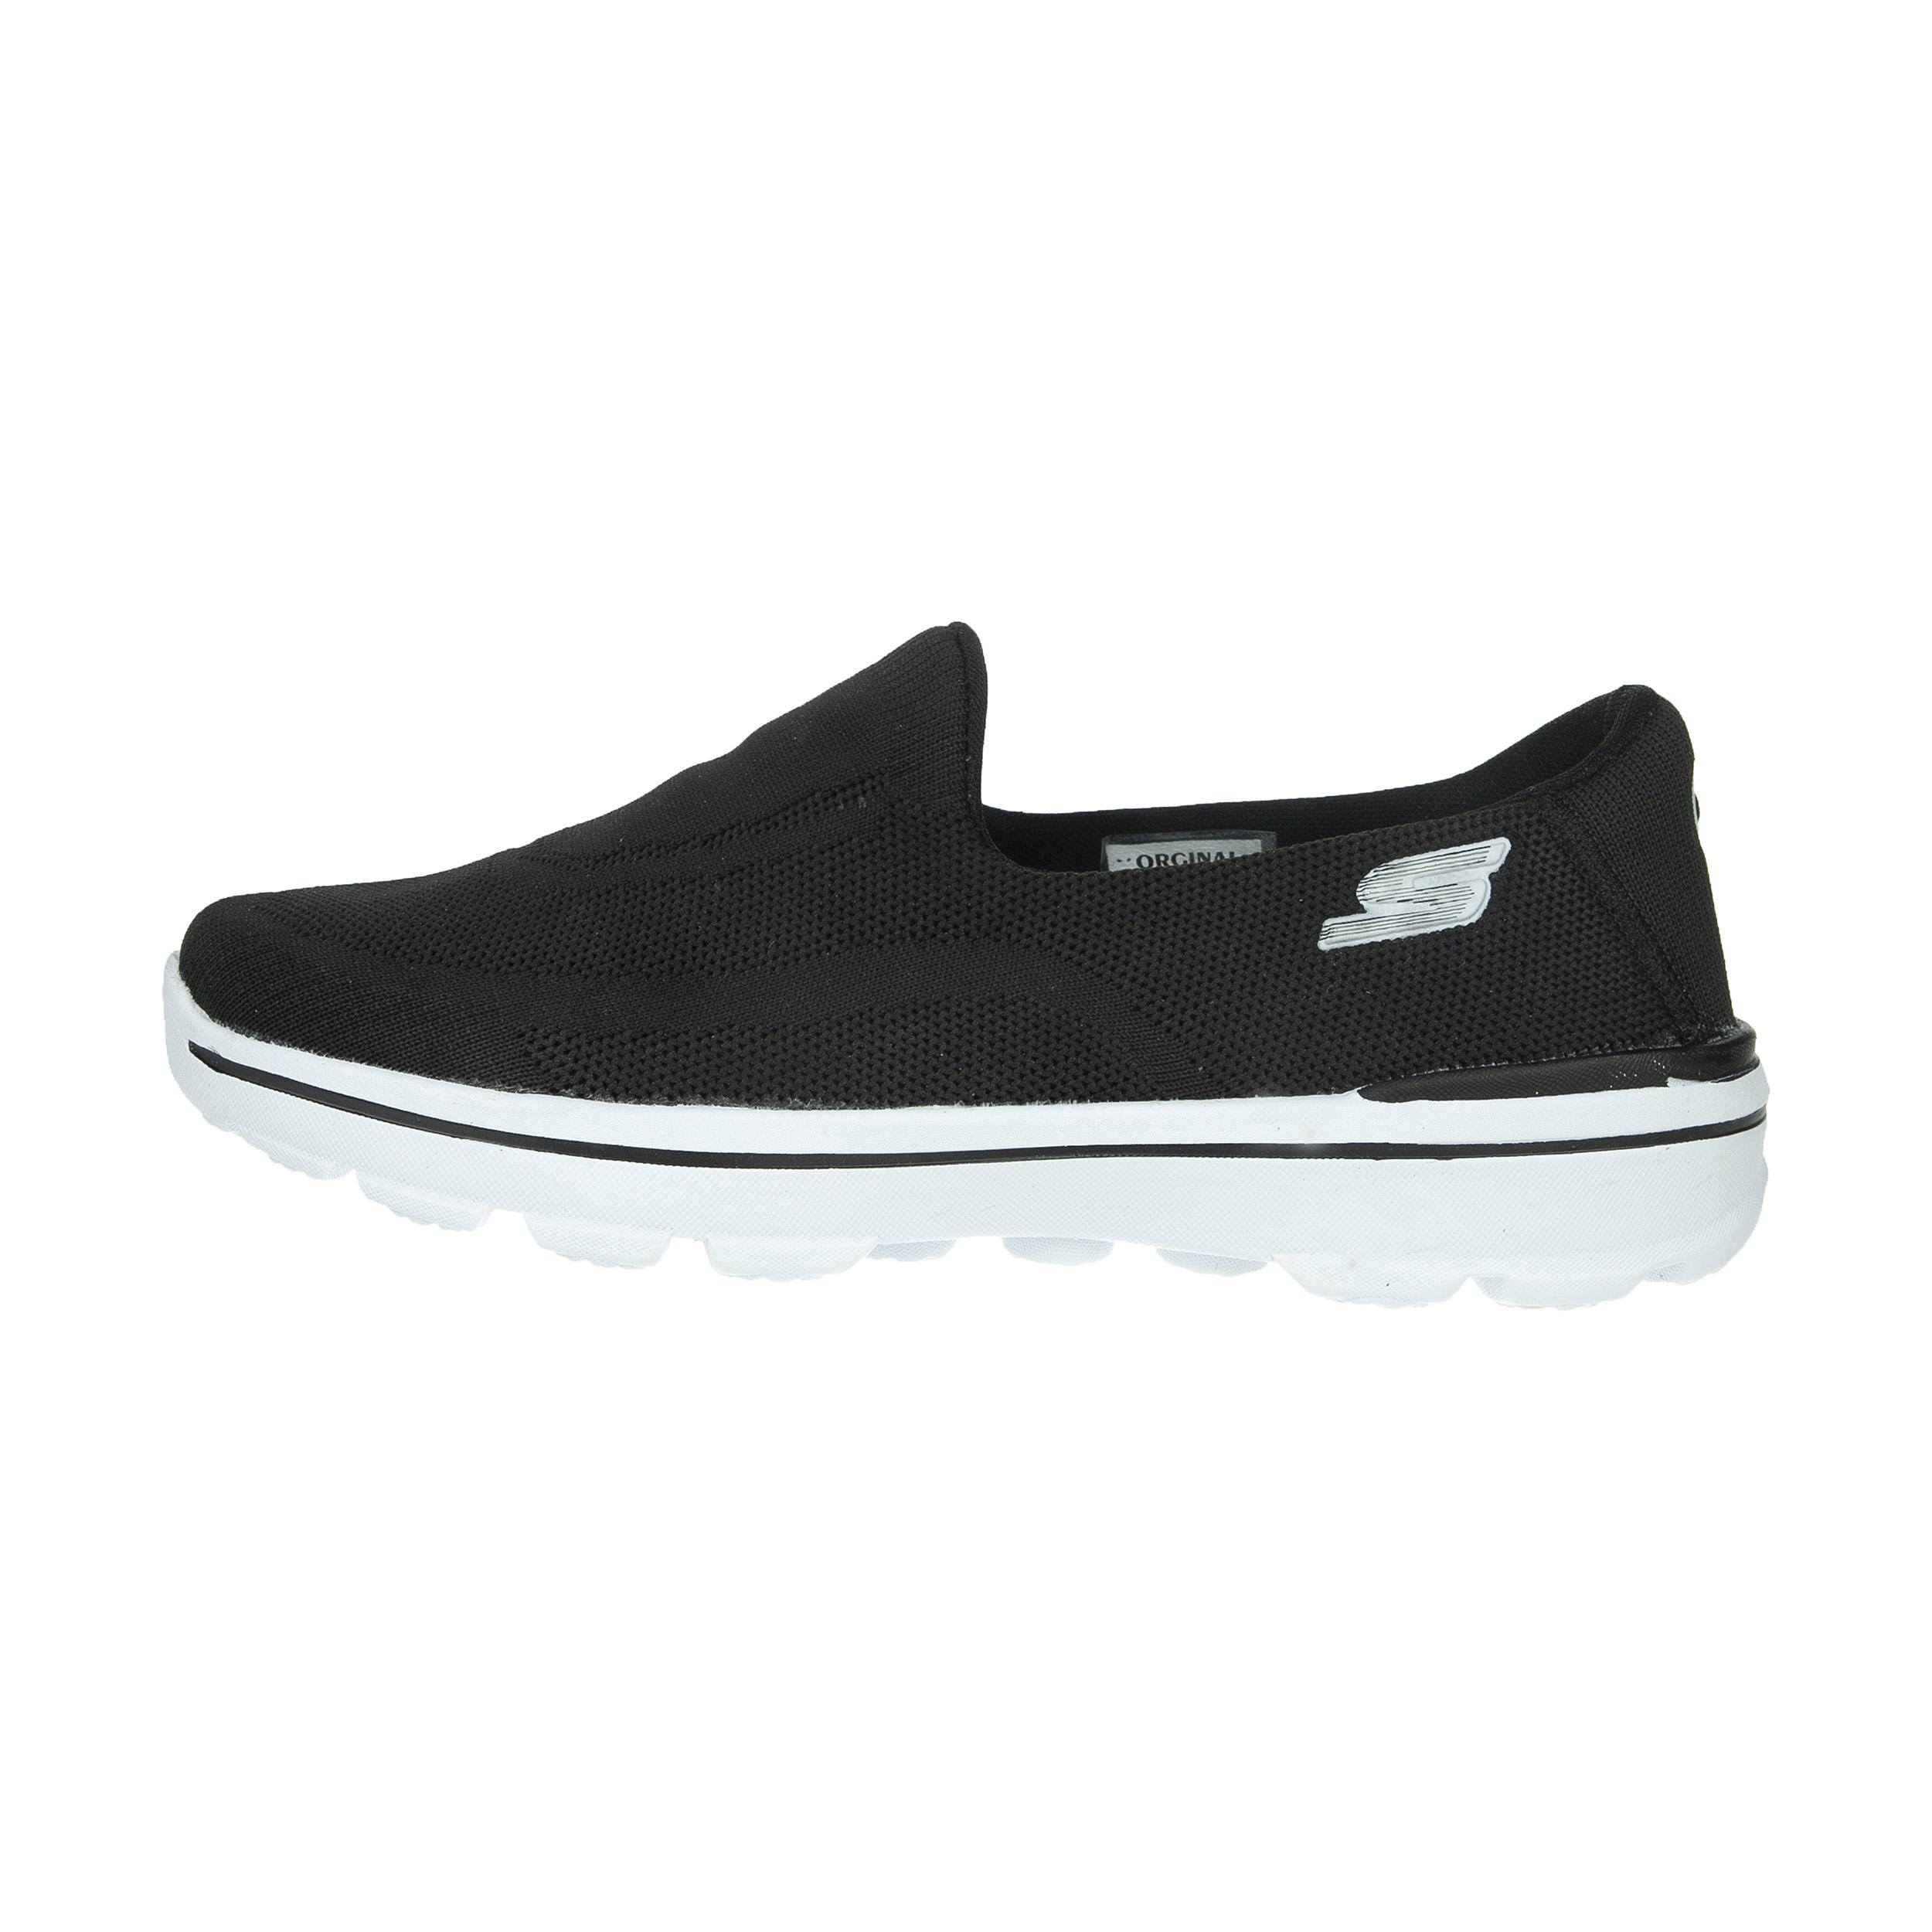 قیمت کفش مخصوص پیاده روی مردانه کد 9812 رنگ مشکی